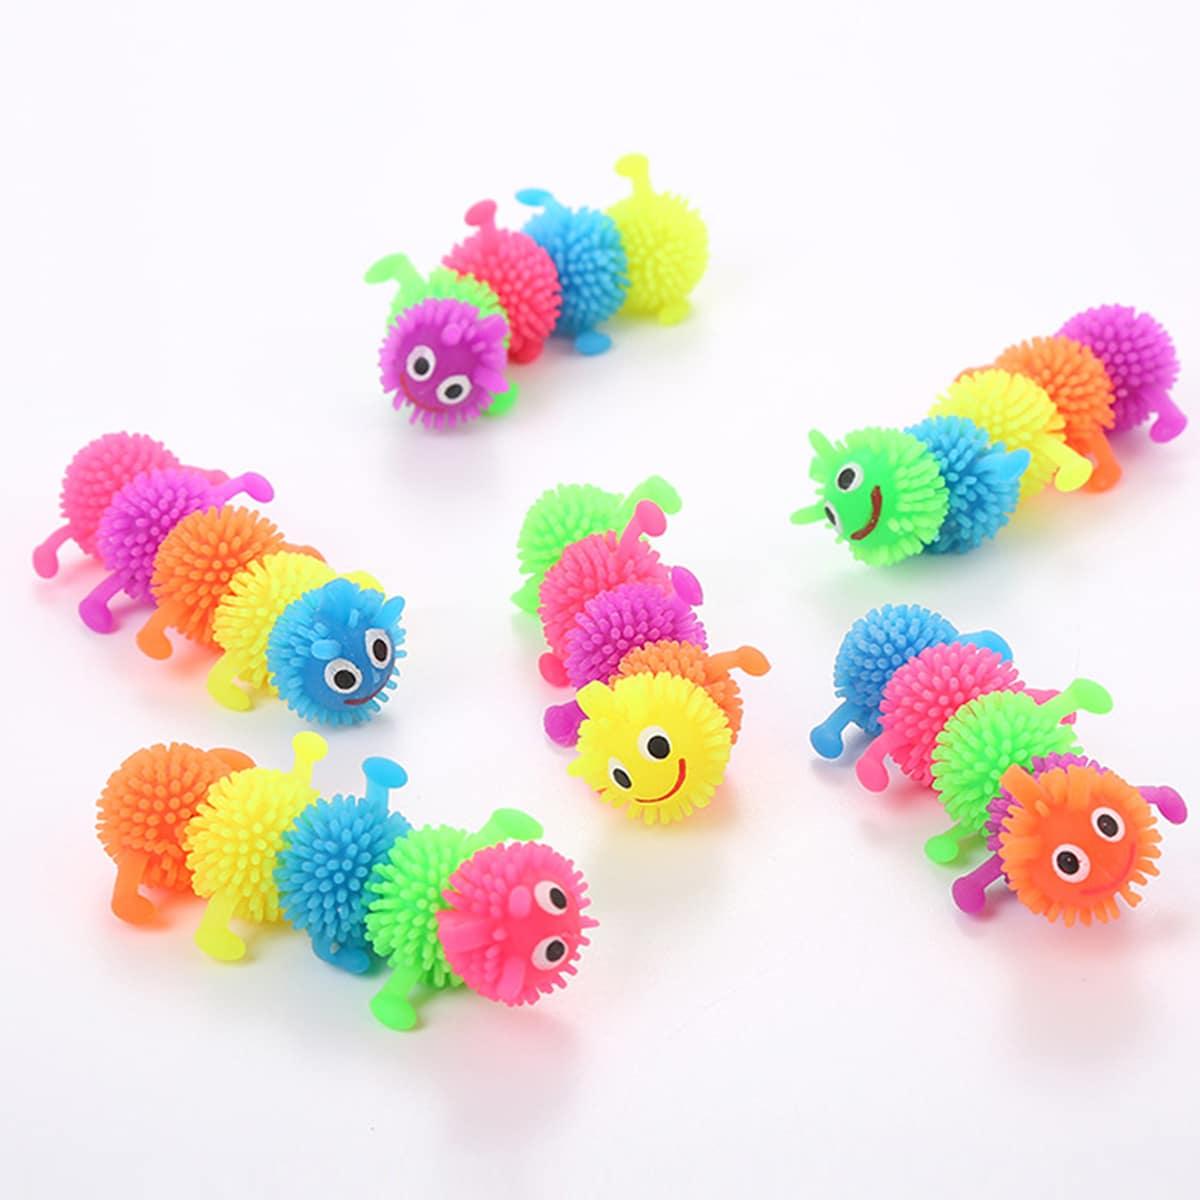 1шт игрушка в форме гусеницы для кошек случайного цвета фото